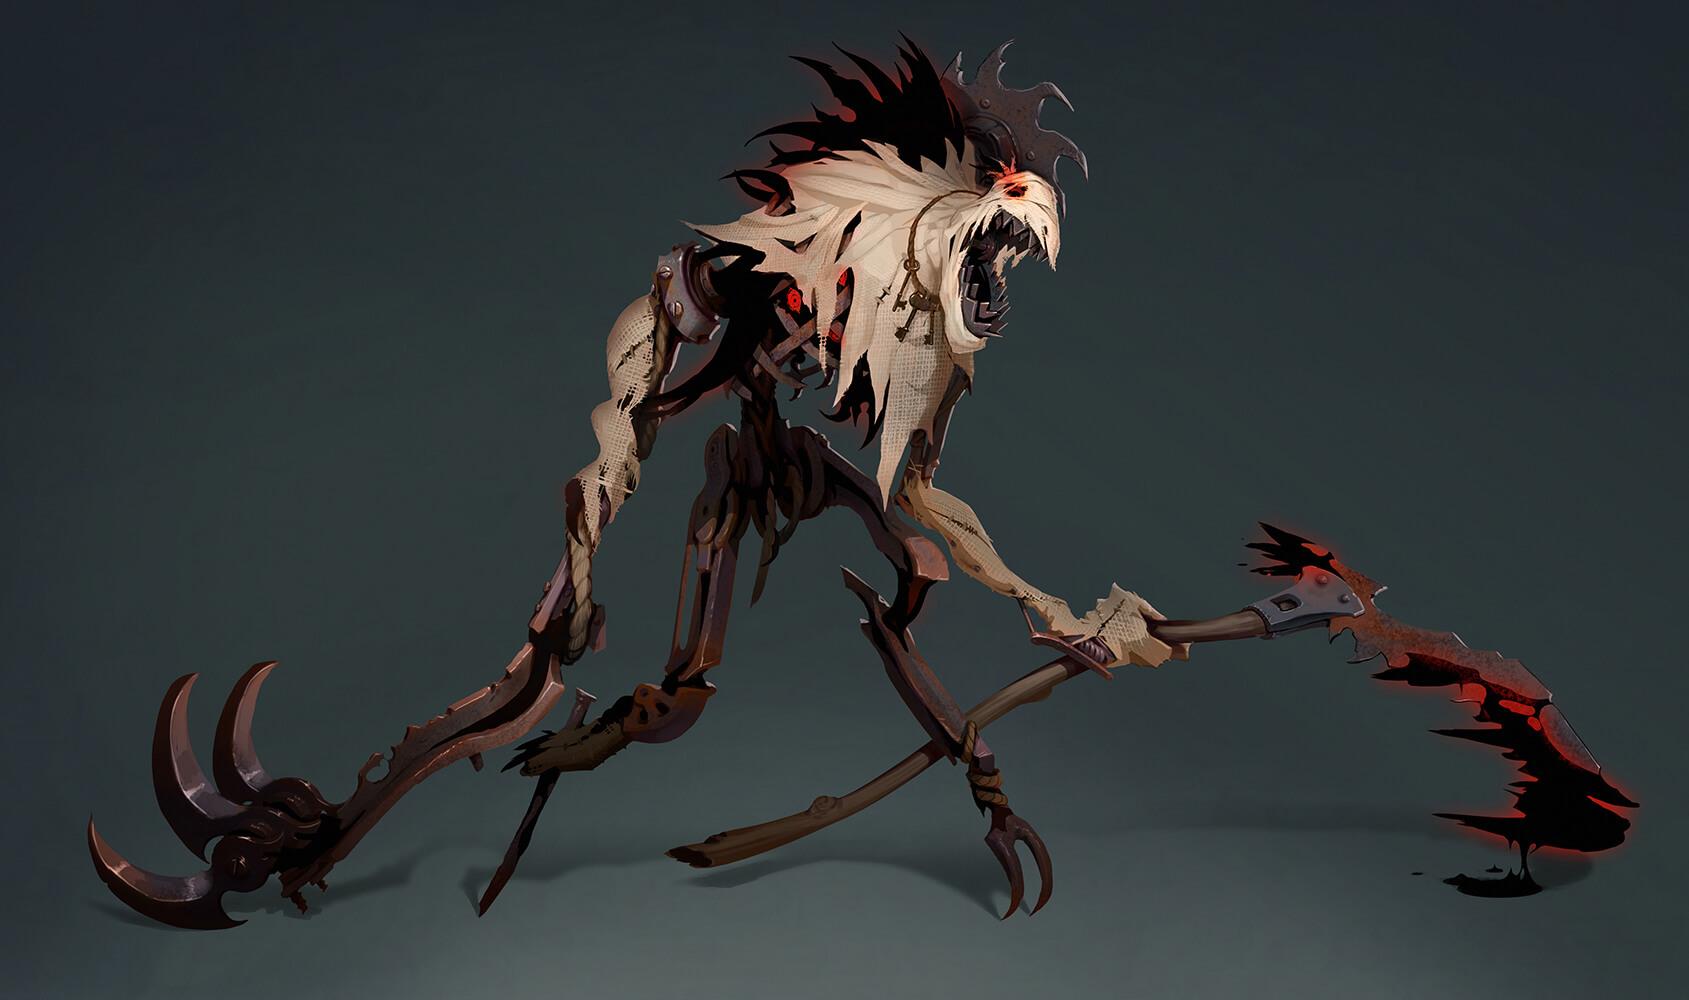 05_Fiddlesticks_Concept